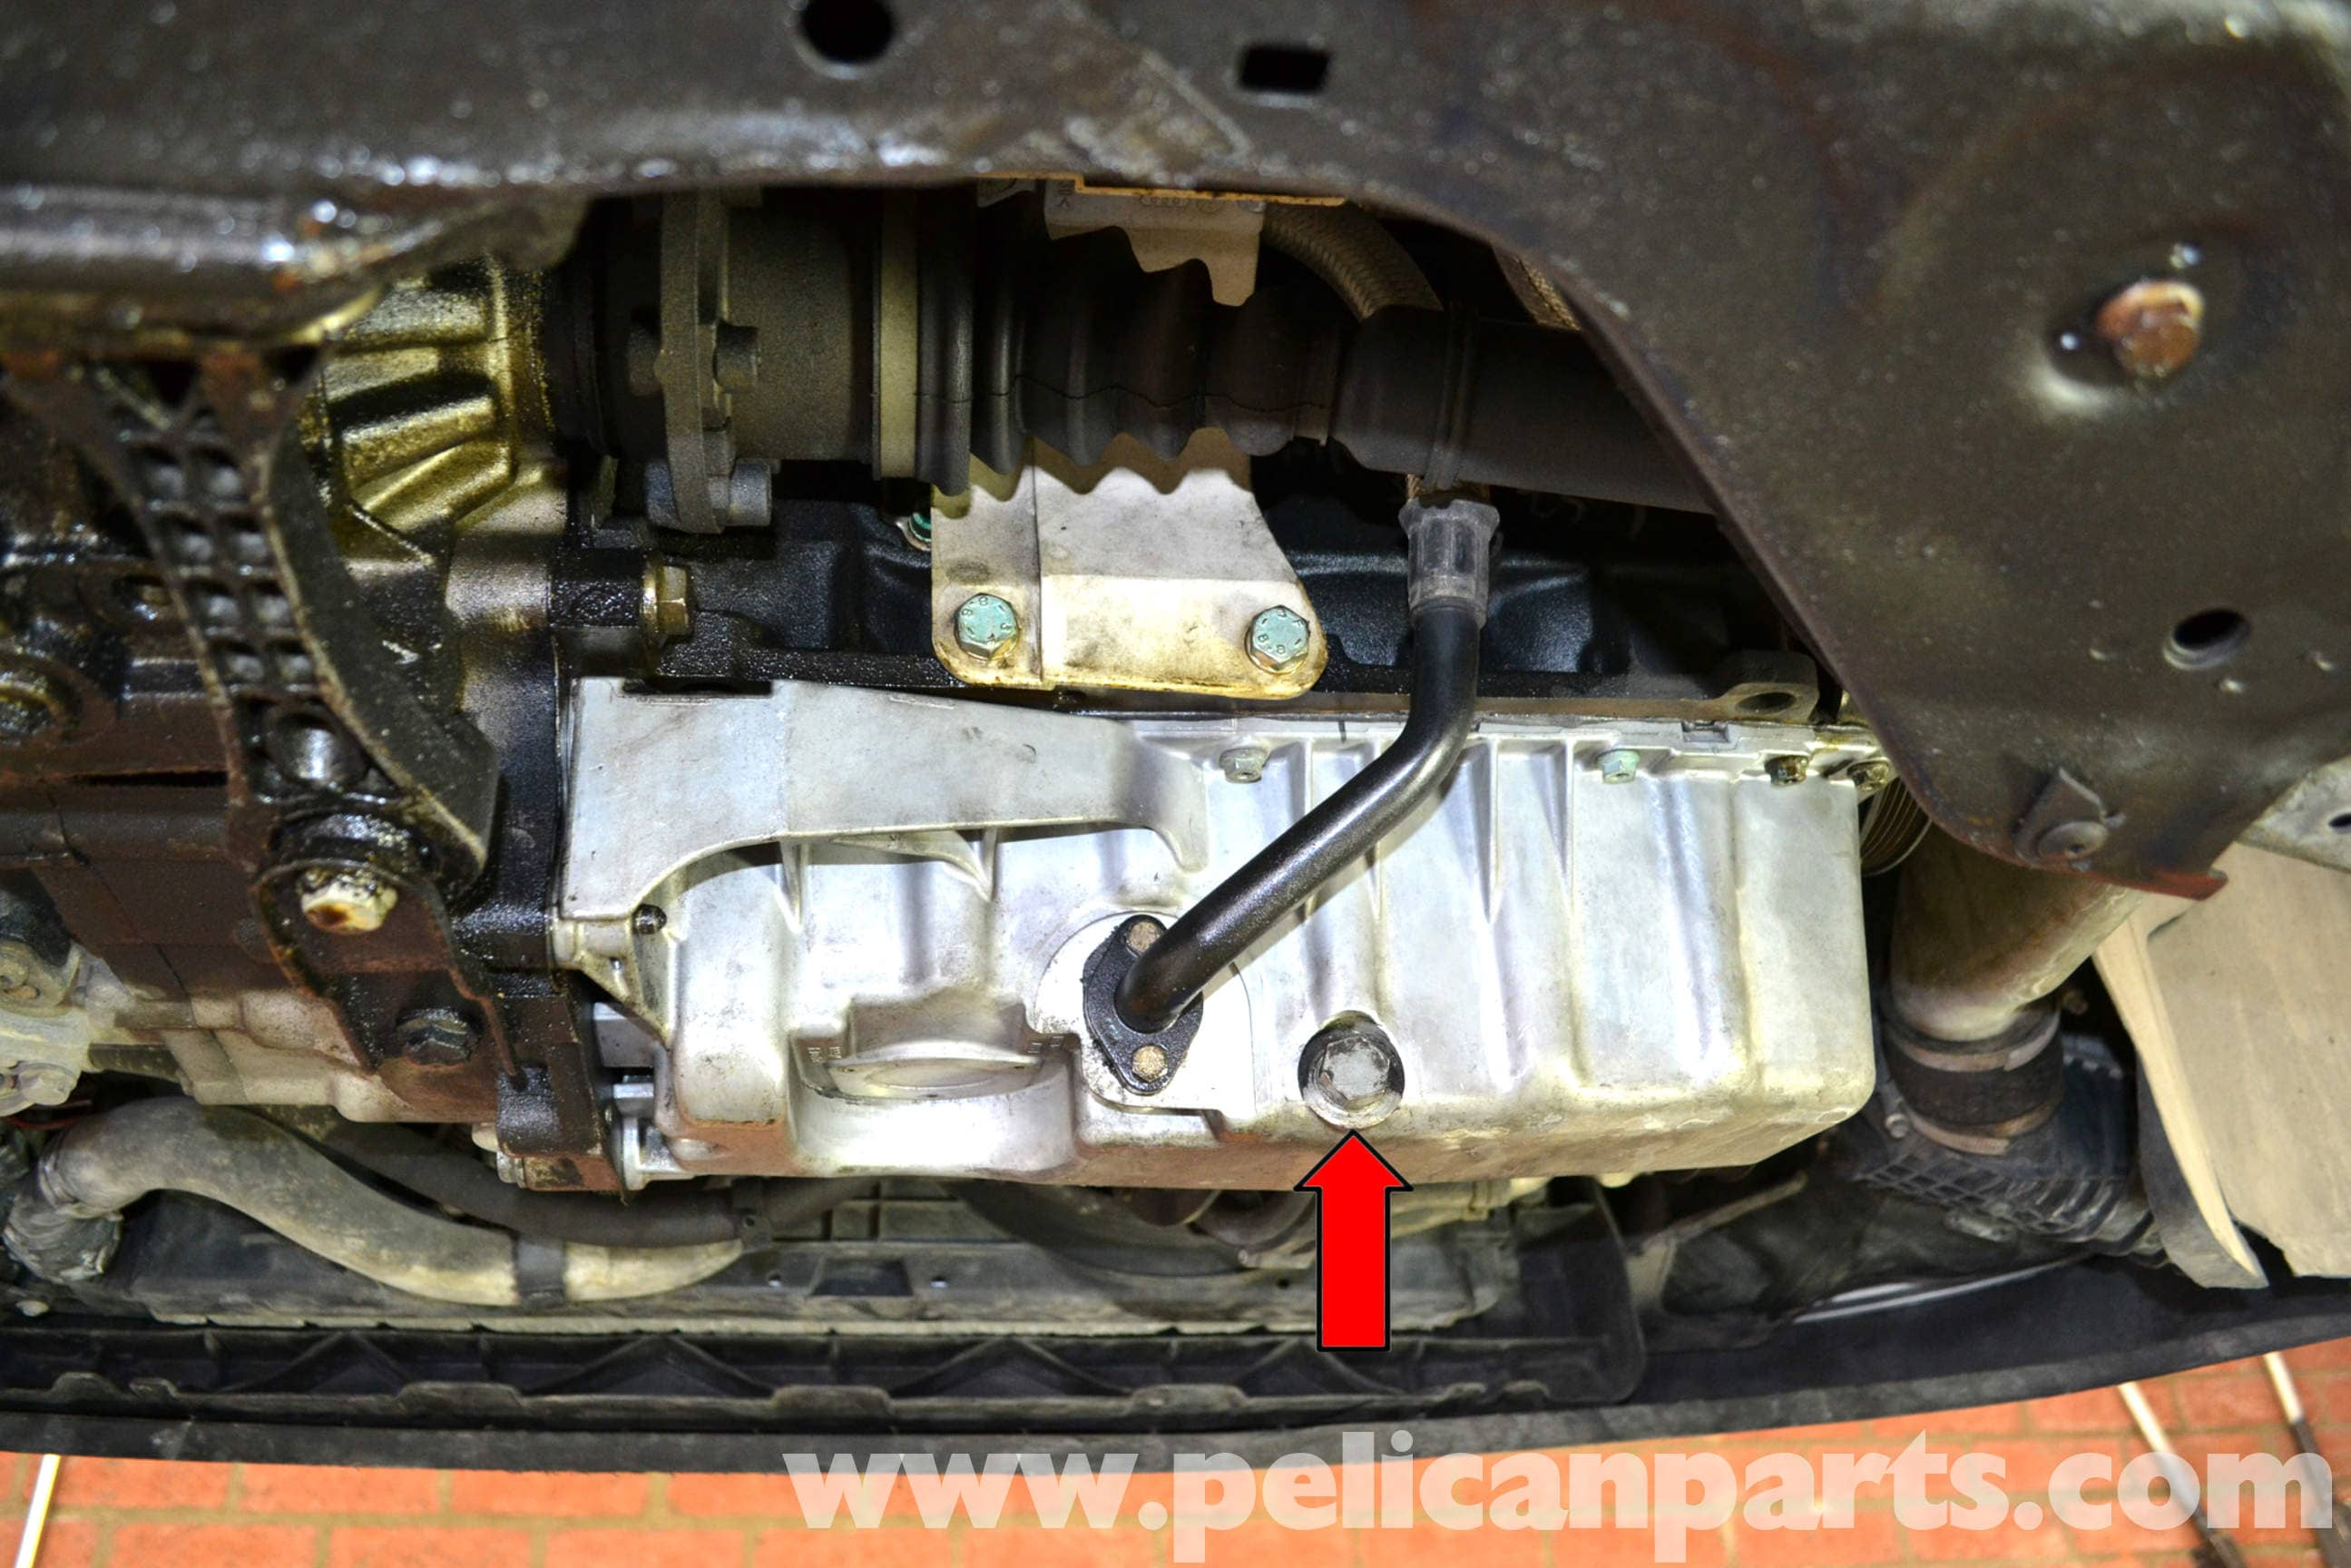 2001 ez go golf cart wiring diagram volkswagen    golf    gti mk iv oil change  1999 2005  pelican  volkswagen    golf    gti mk iv oil change  1999 2005  pelican